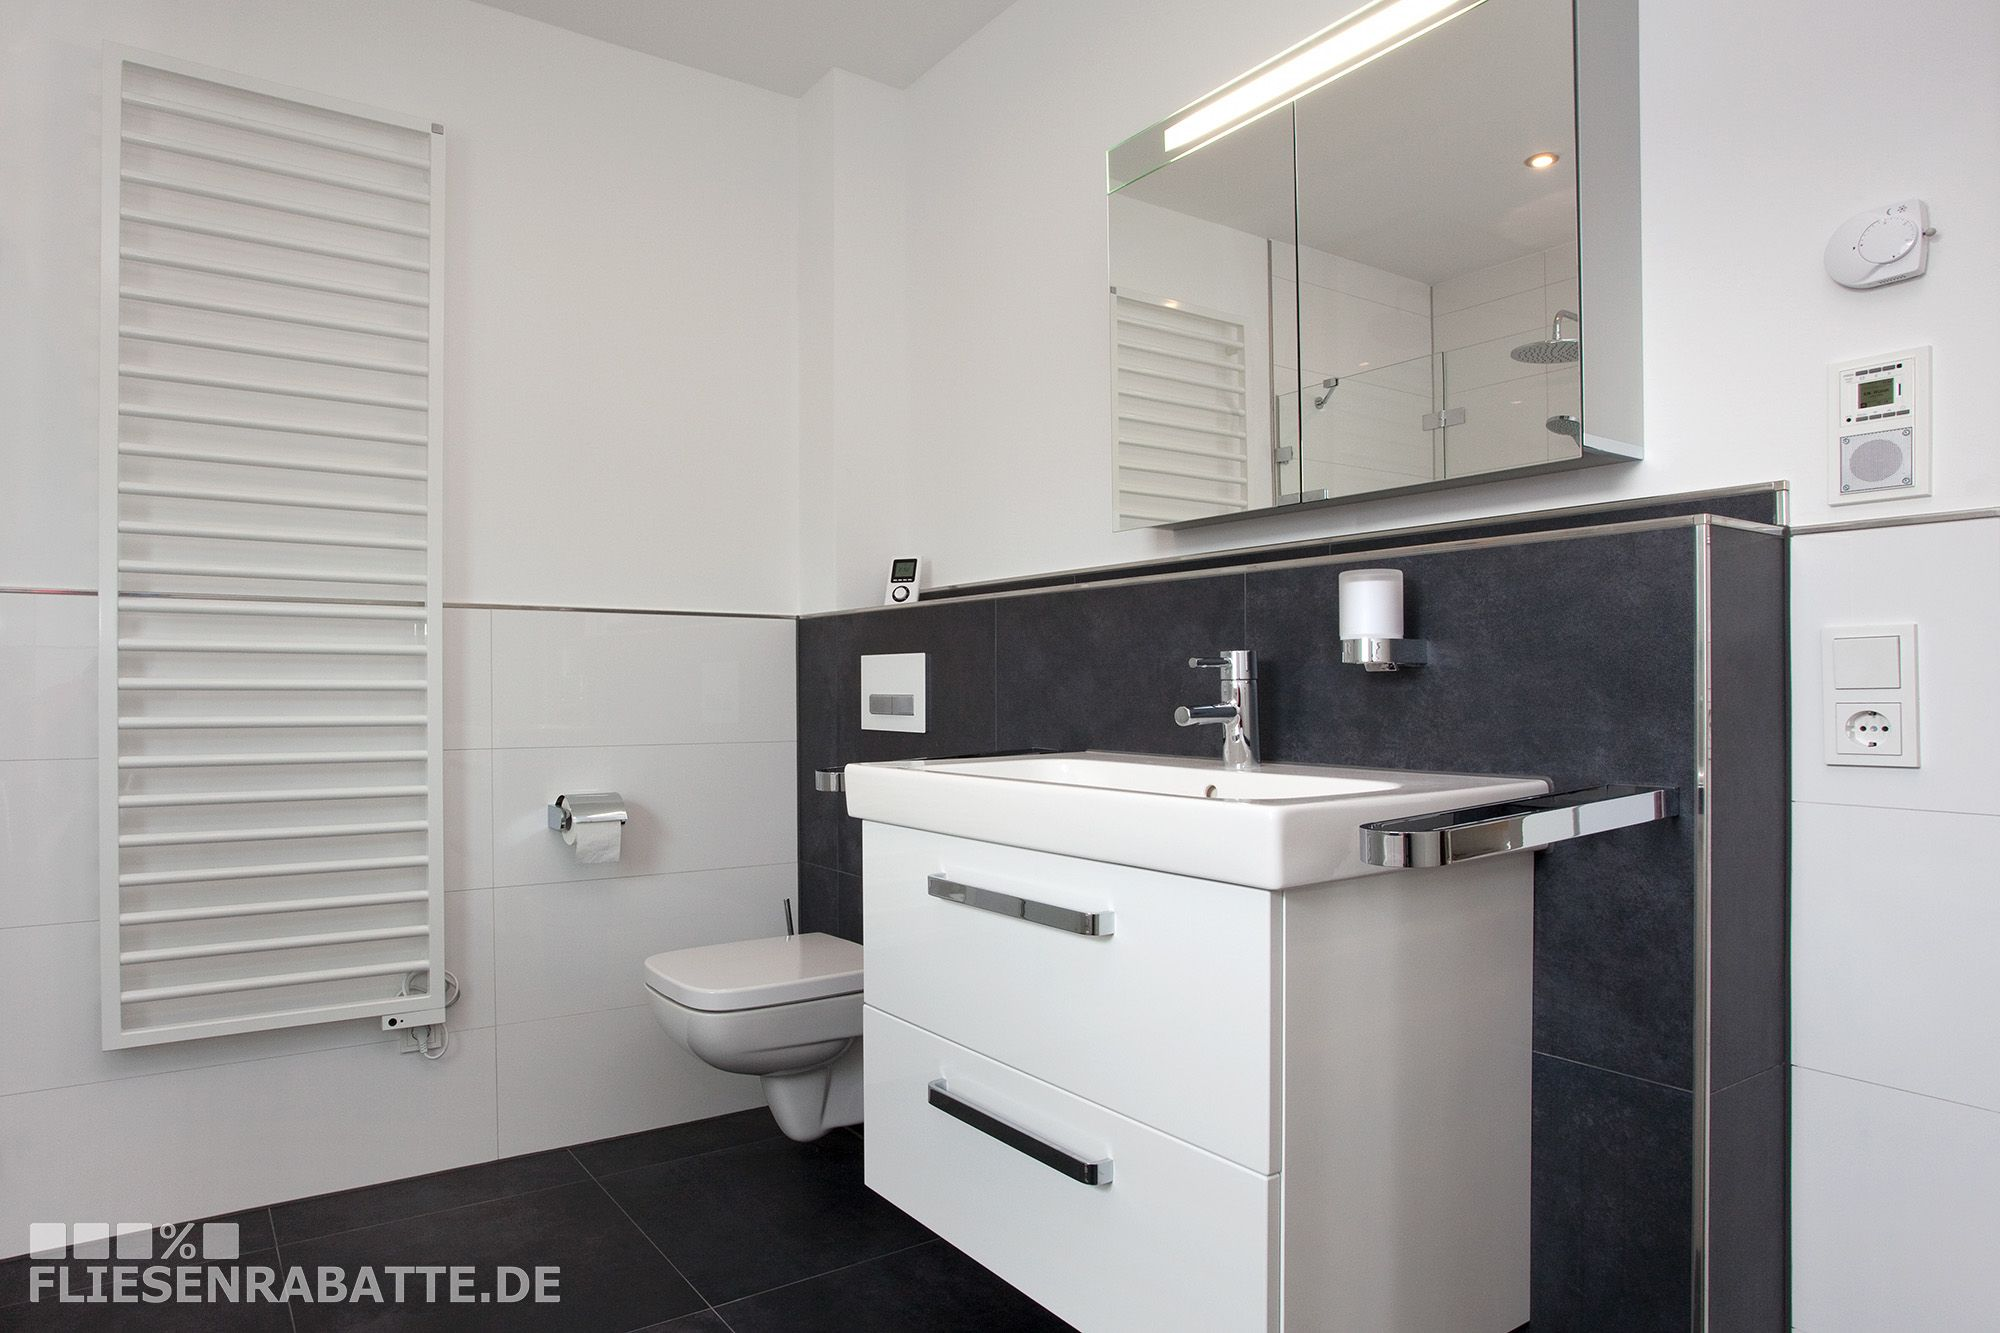 Badezimmer Halbhoch Gefliest Bodenfliesen Keraben Future 60x60 Cm Mit An Der Vorwand Verlegt Abschlussleist Badezimmer Einrichtung Badezimmer Badezimmerboden